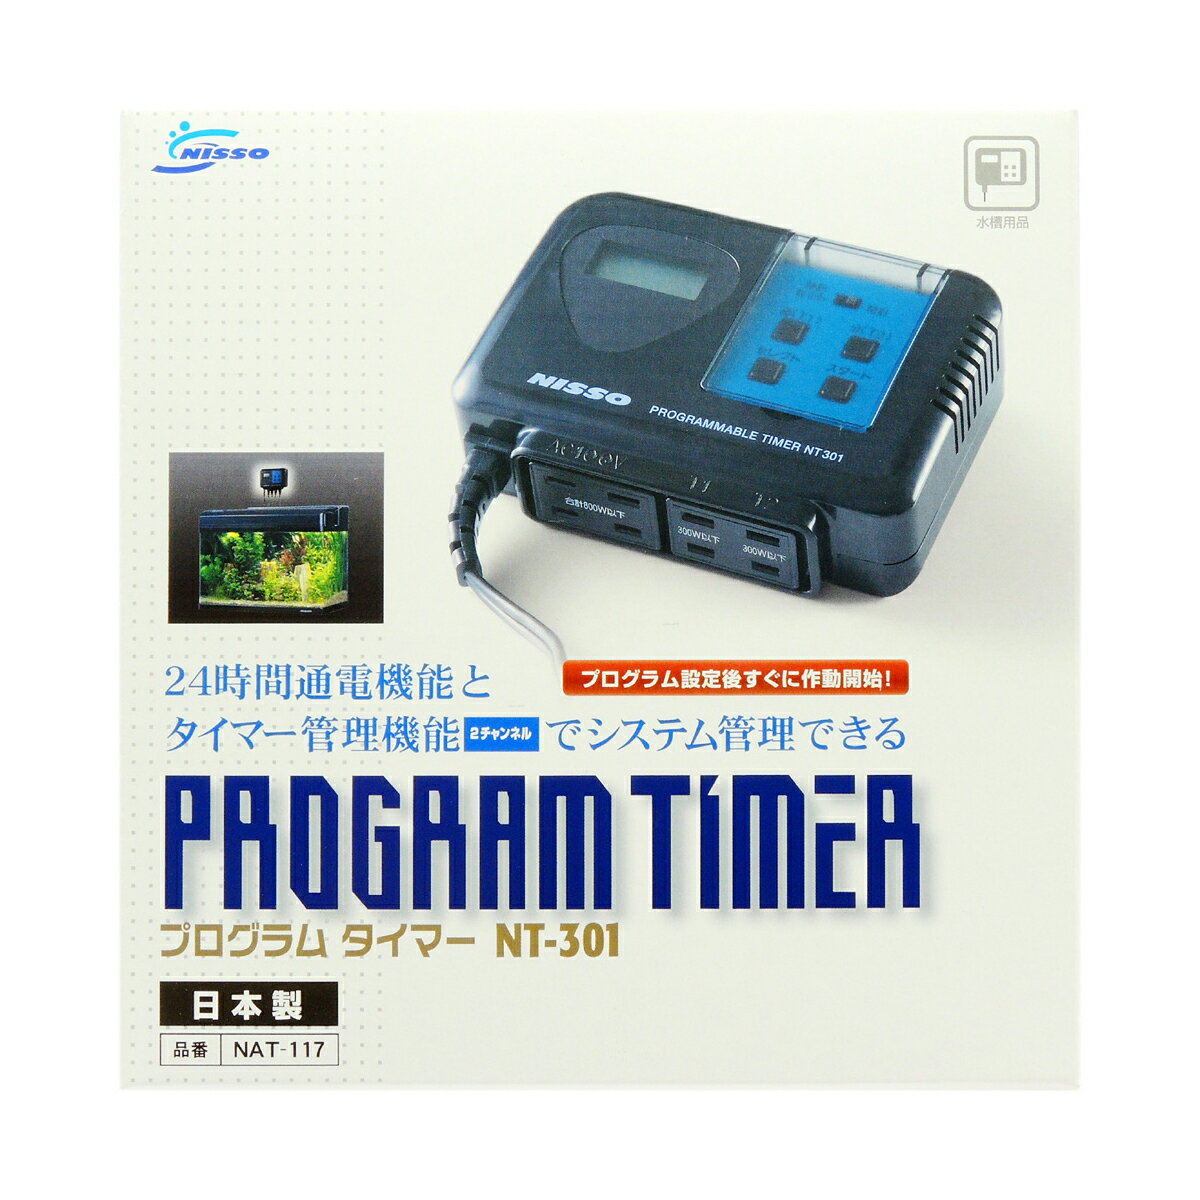 ニッソー プログラムタイマーNT-301【日本製】~【在庫あり】-